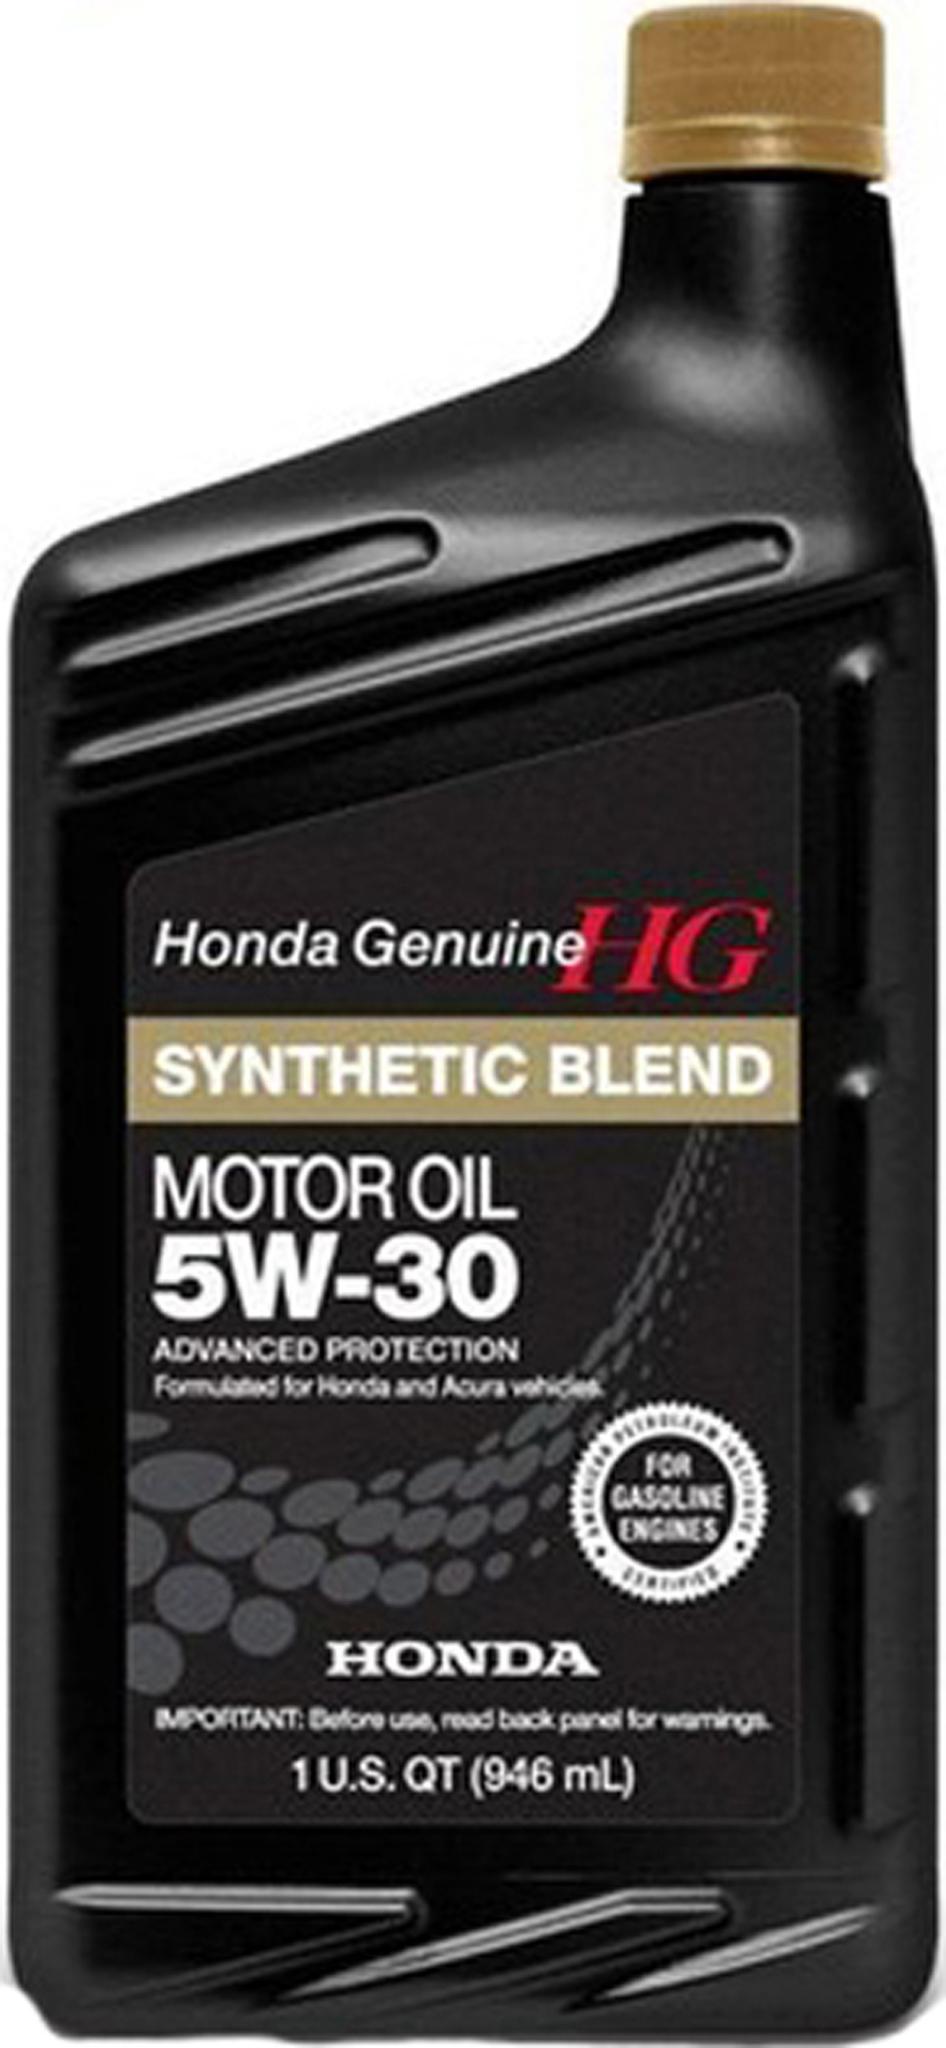 Honda Motoroil 5W-30 SL- специальное моторное масло для автомобилей Honda.